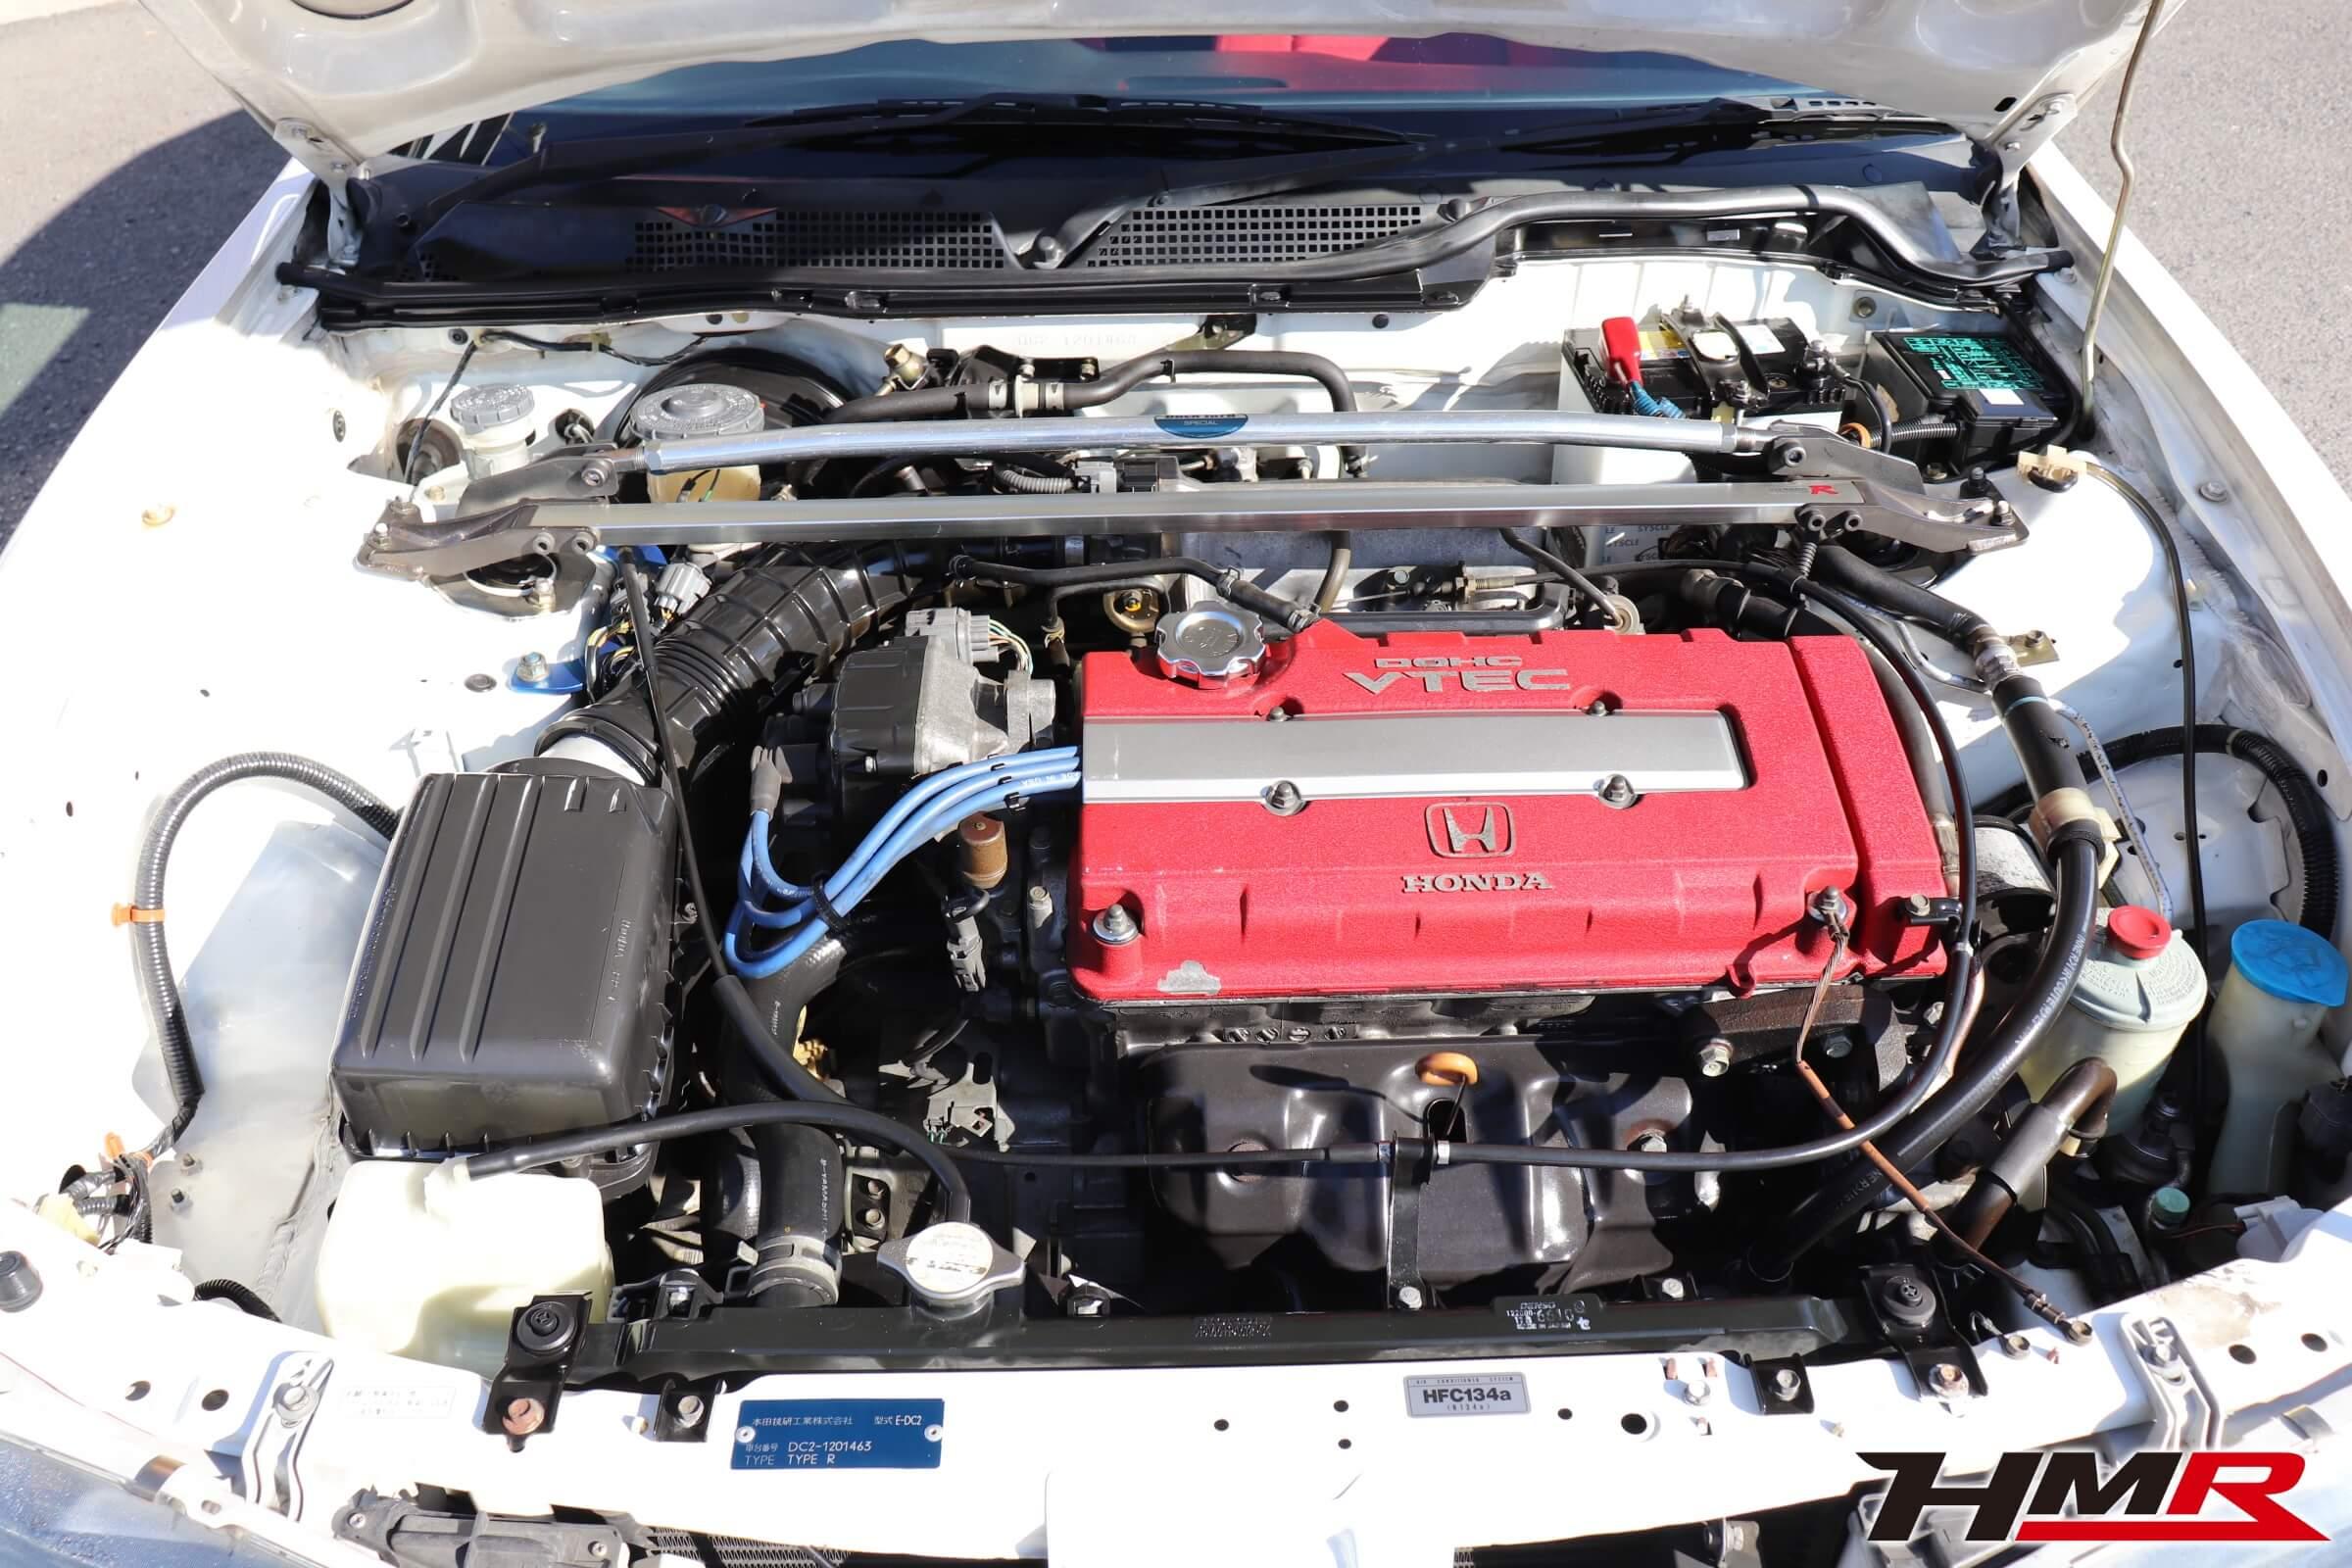 インテグラタイプR(DC2)エンジン